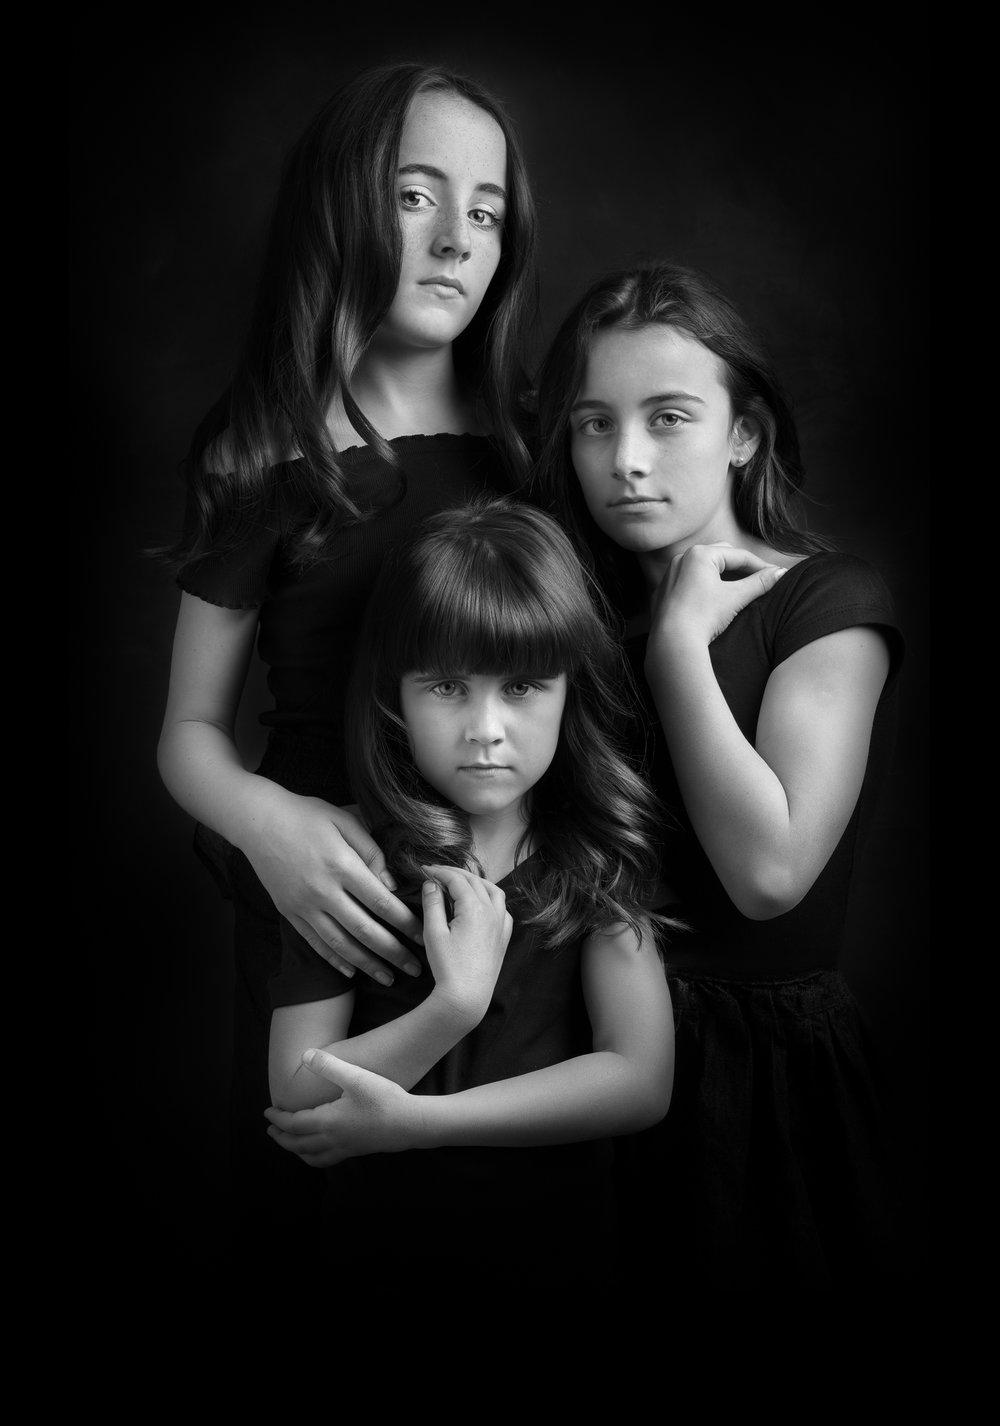 Sienna, Savannah & Skye